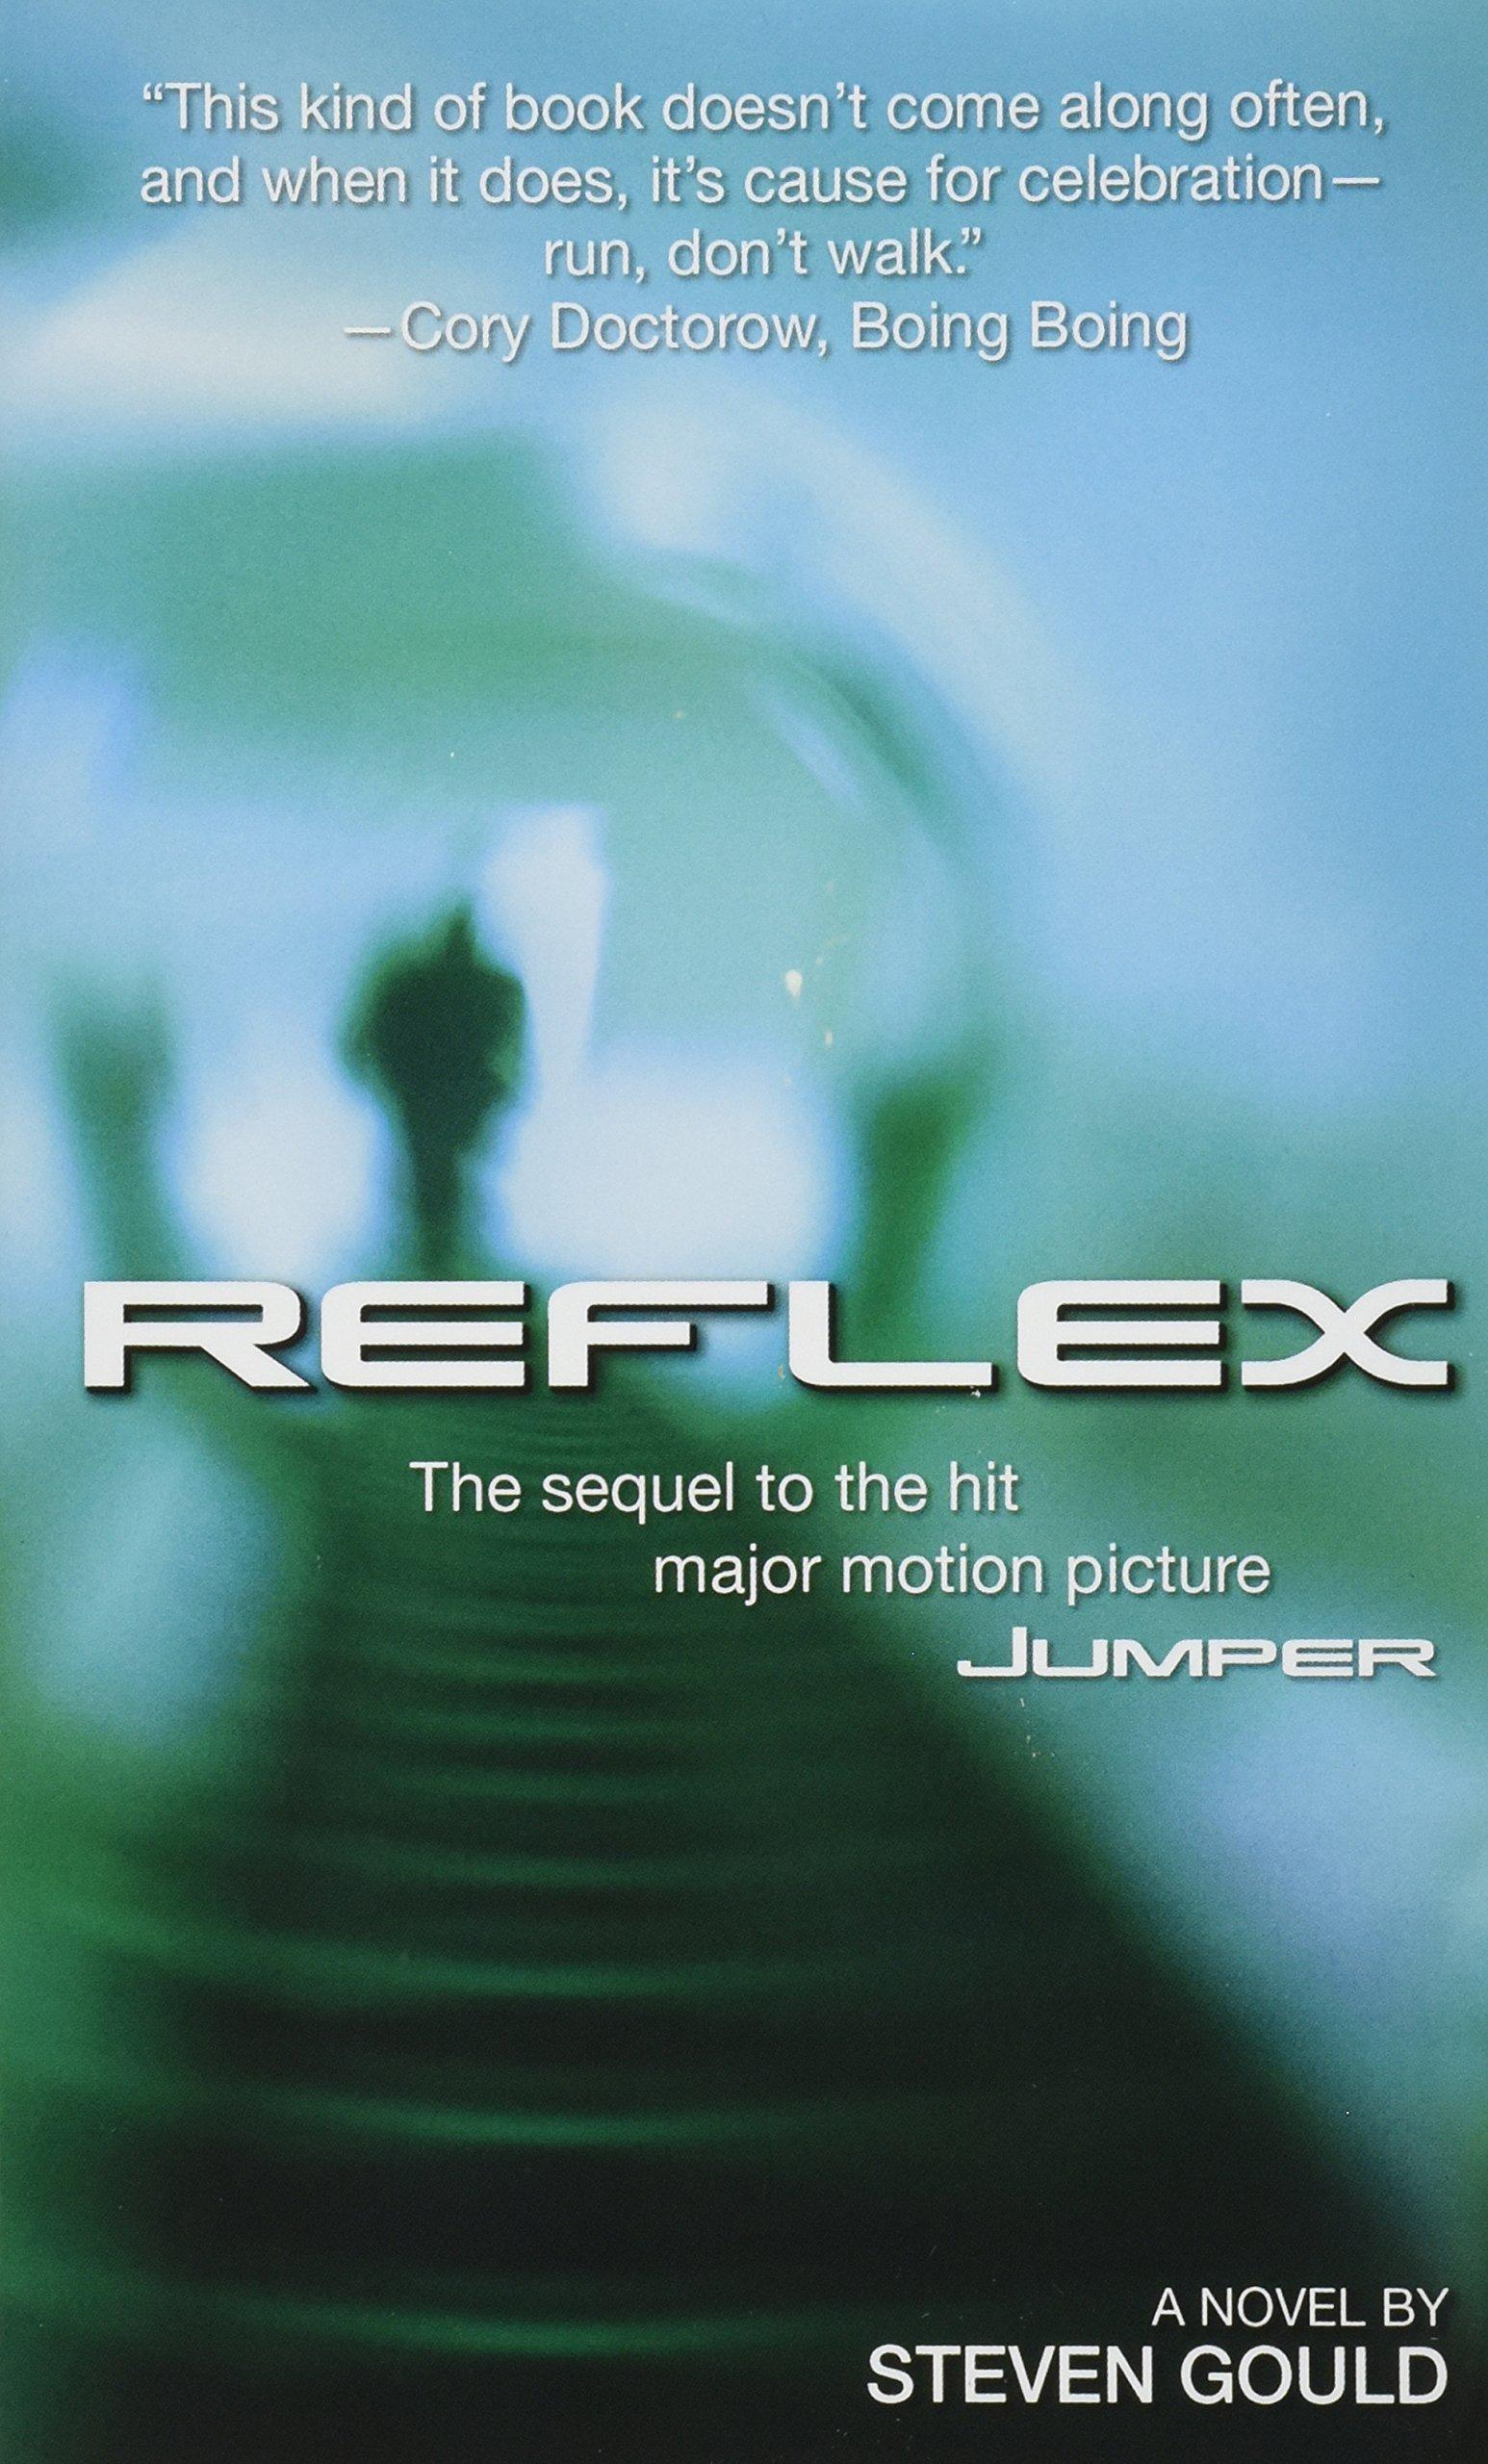 reflex-a-jumper-novel